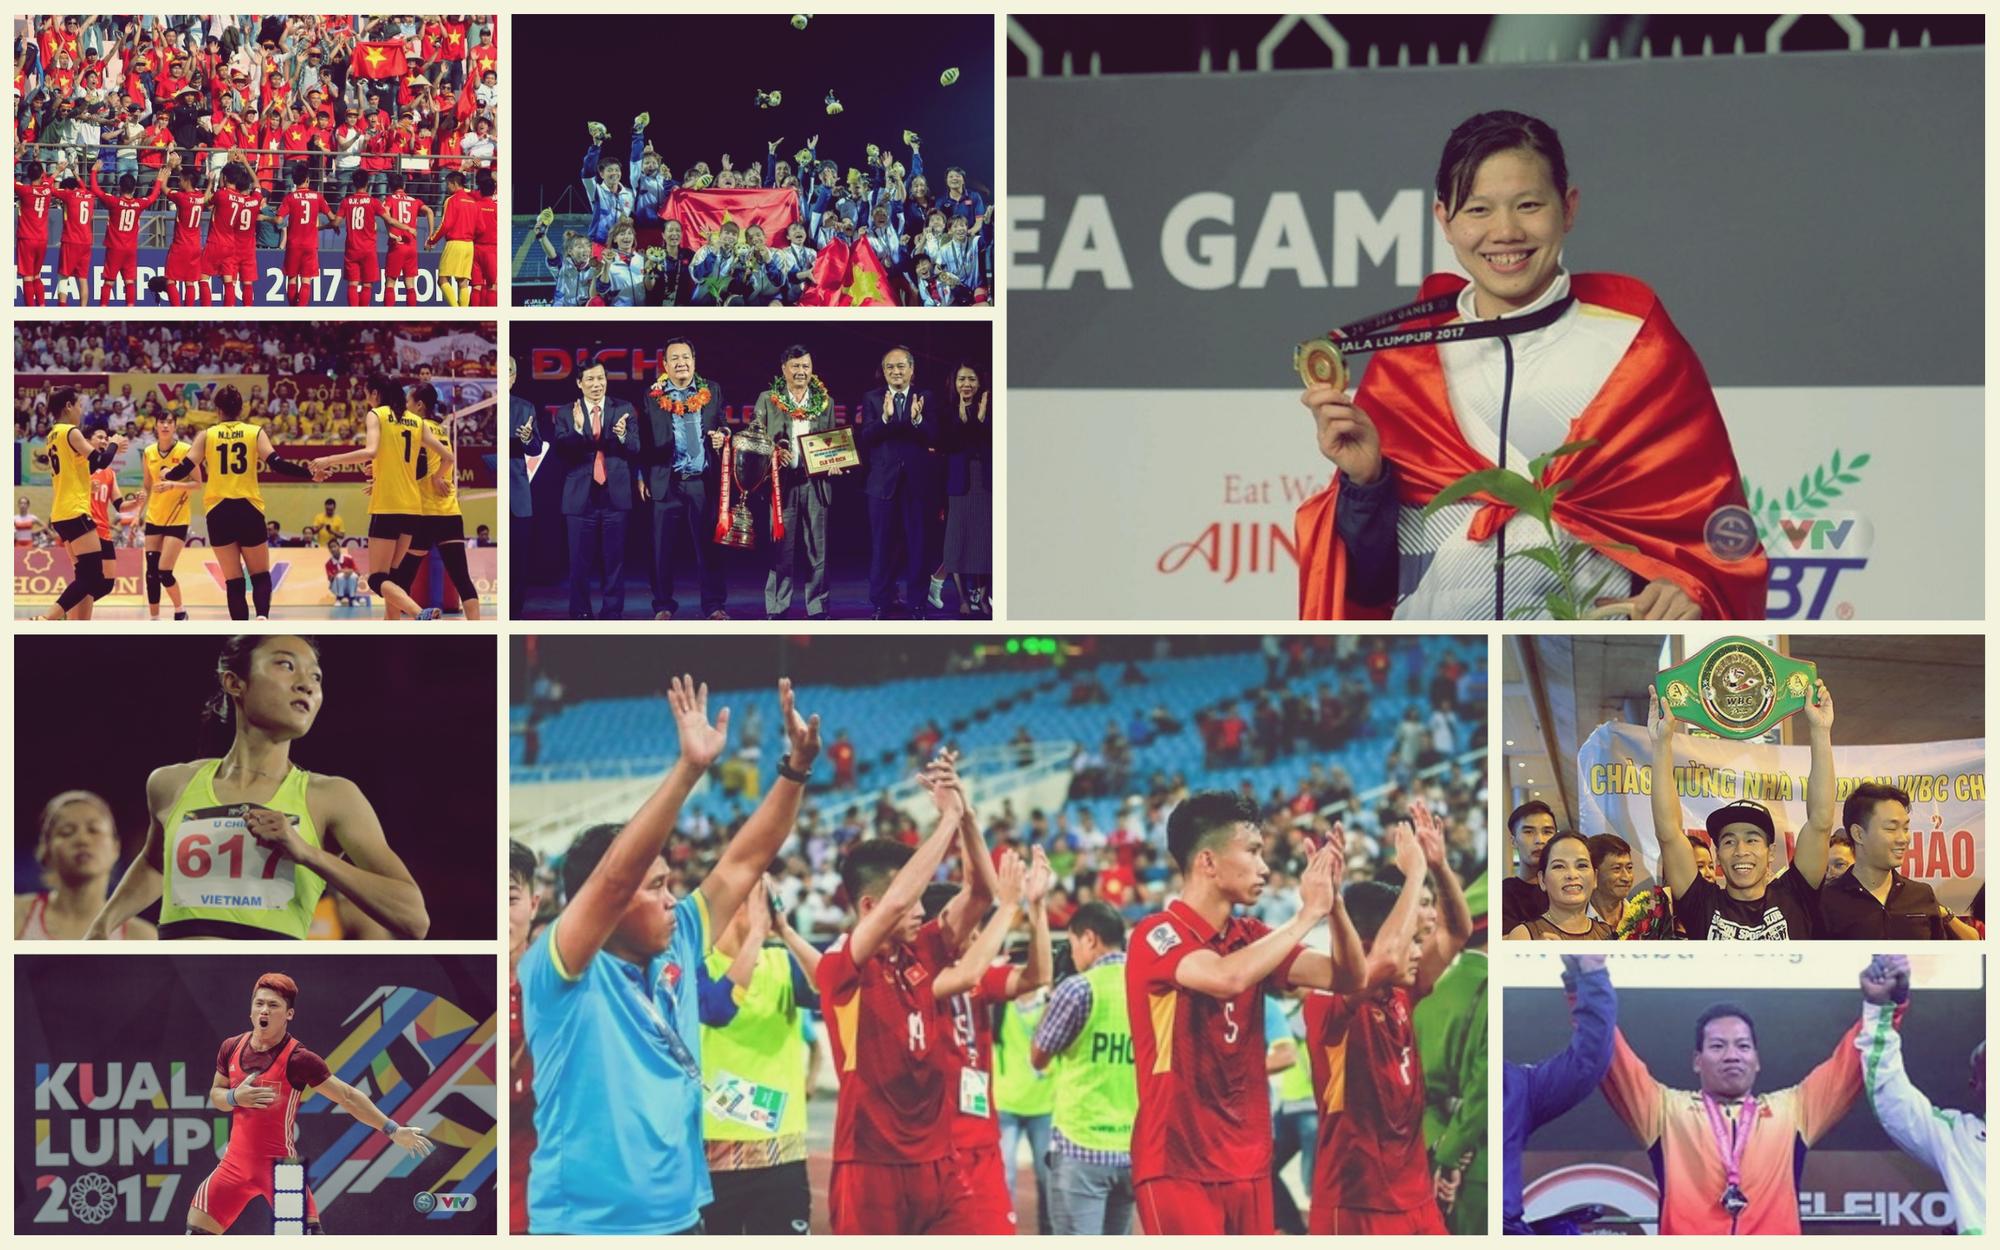 10 dấu ấn đặc biệt của thể thao Việt Nam năm 2017 - Ảnh 11.